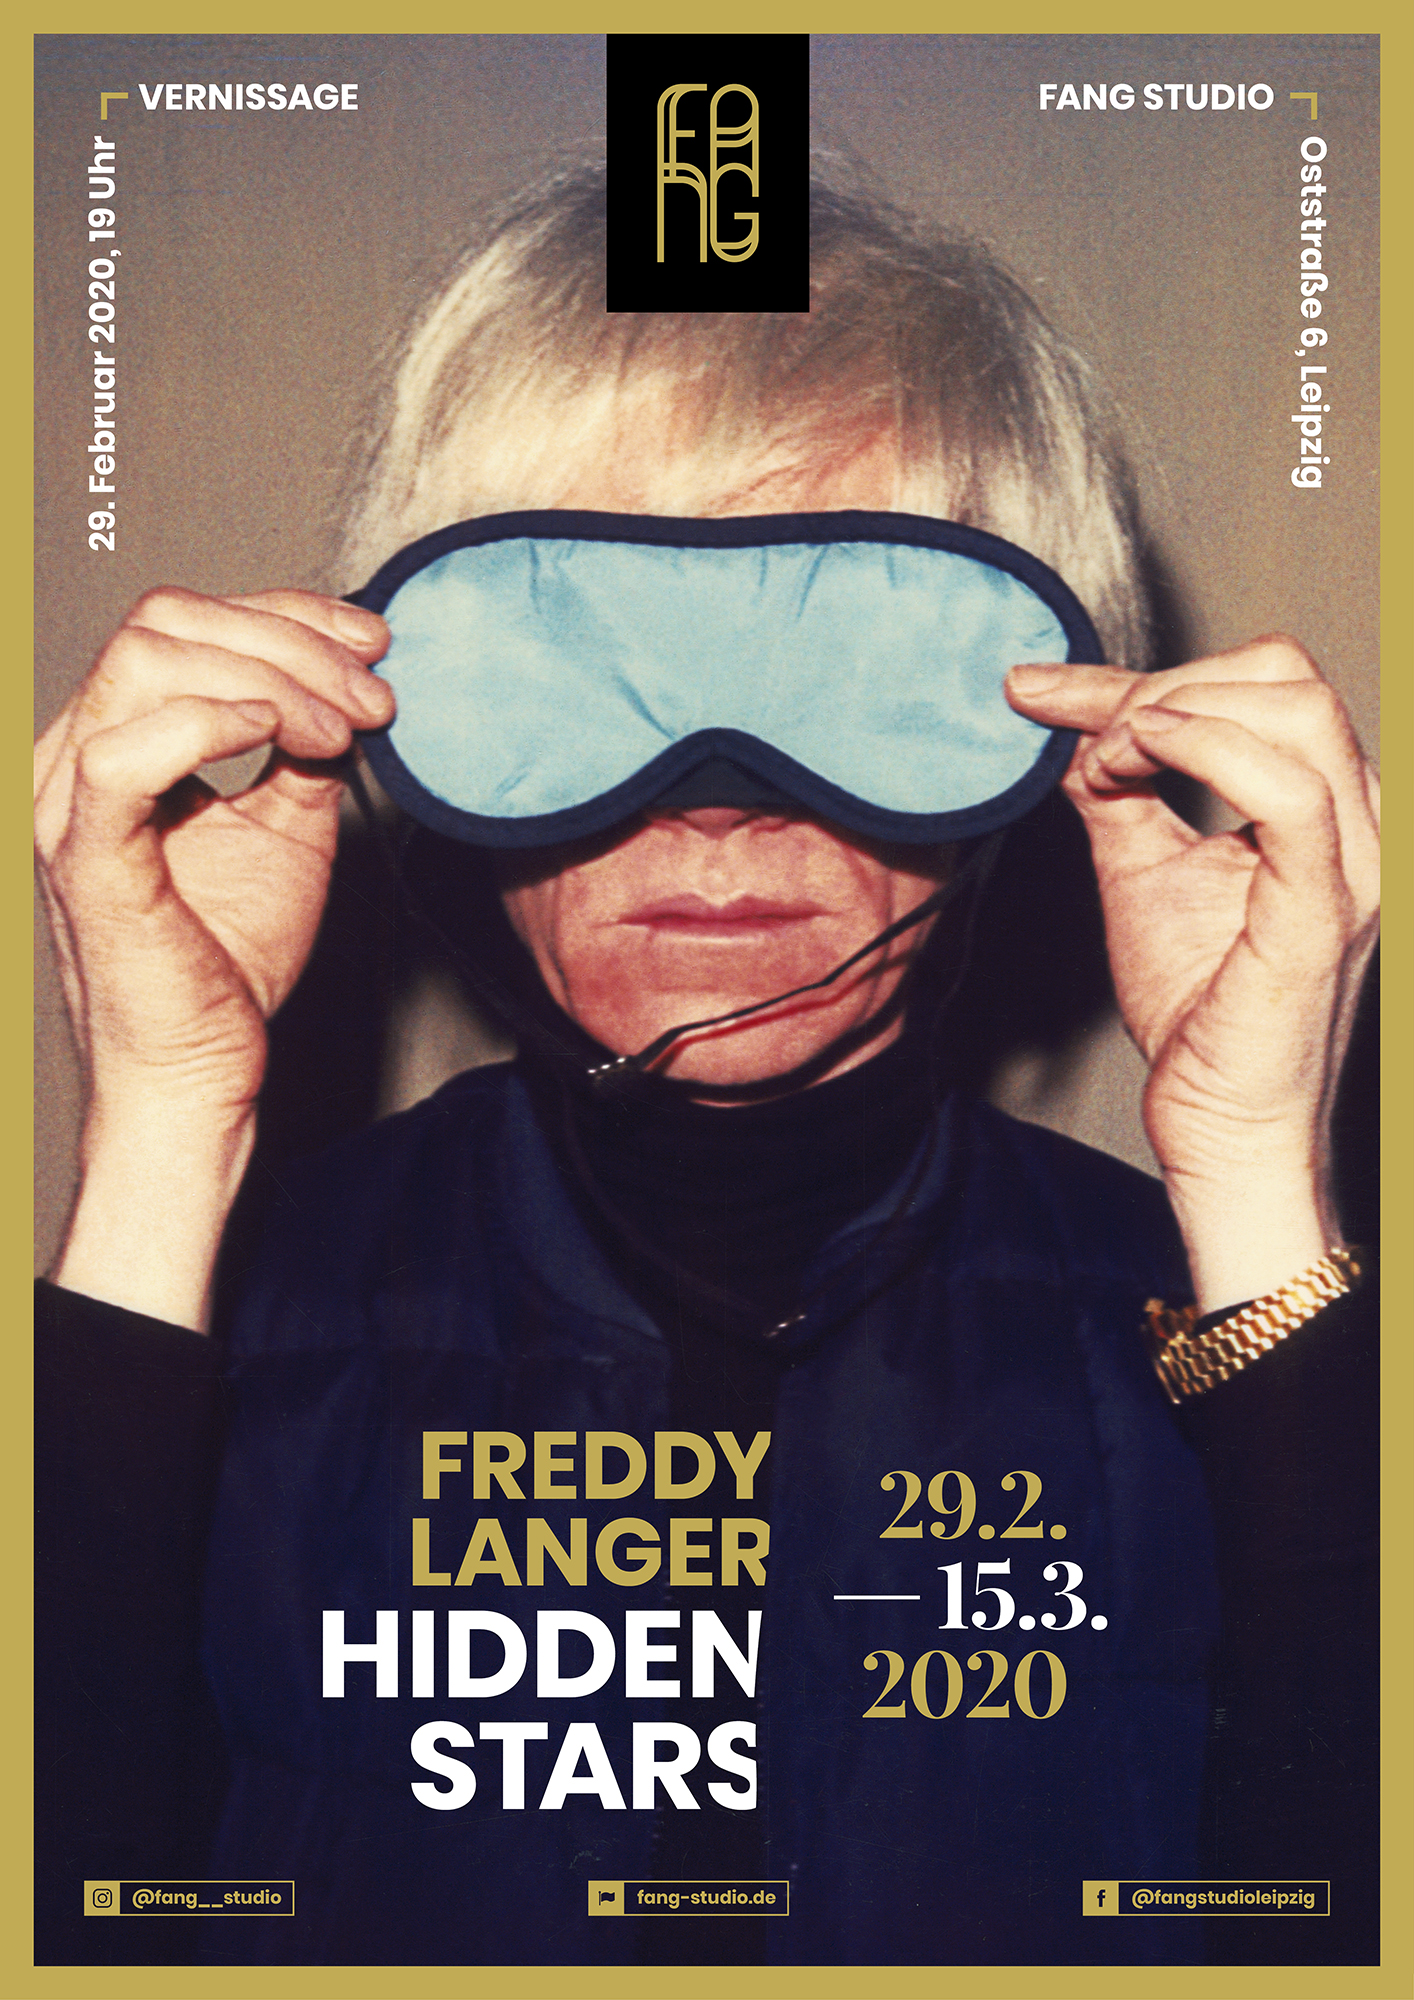 Das Motiv des Plakats zeigt den amerikanischen Pop Art Künstler Andy Warhol